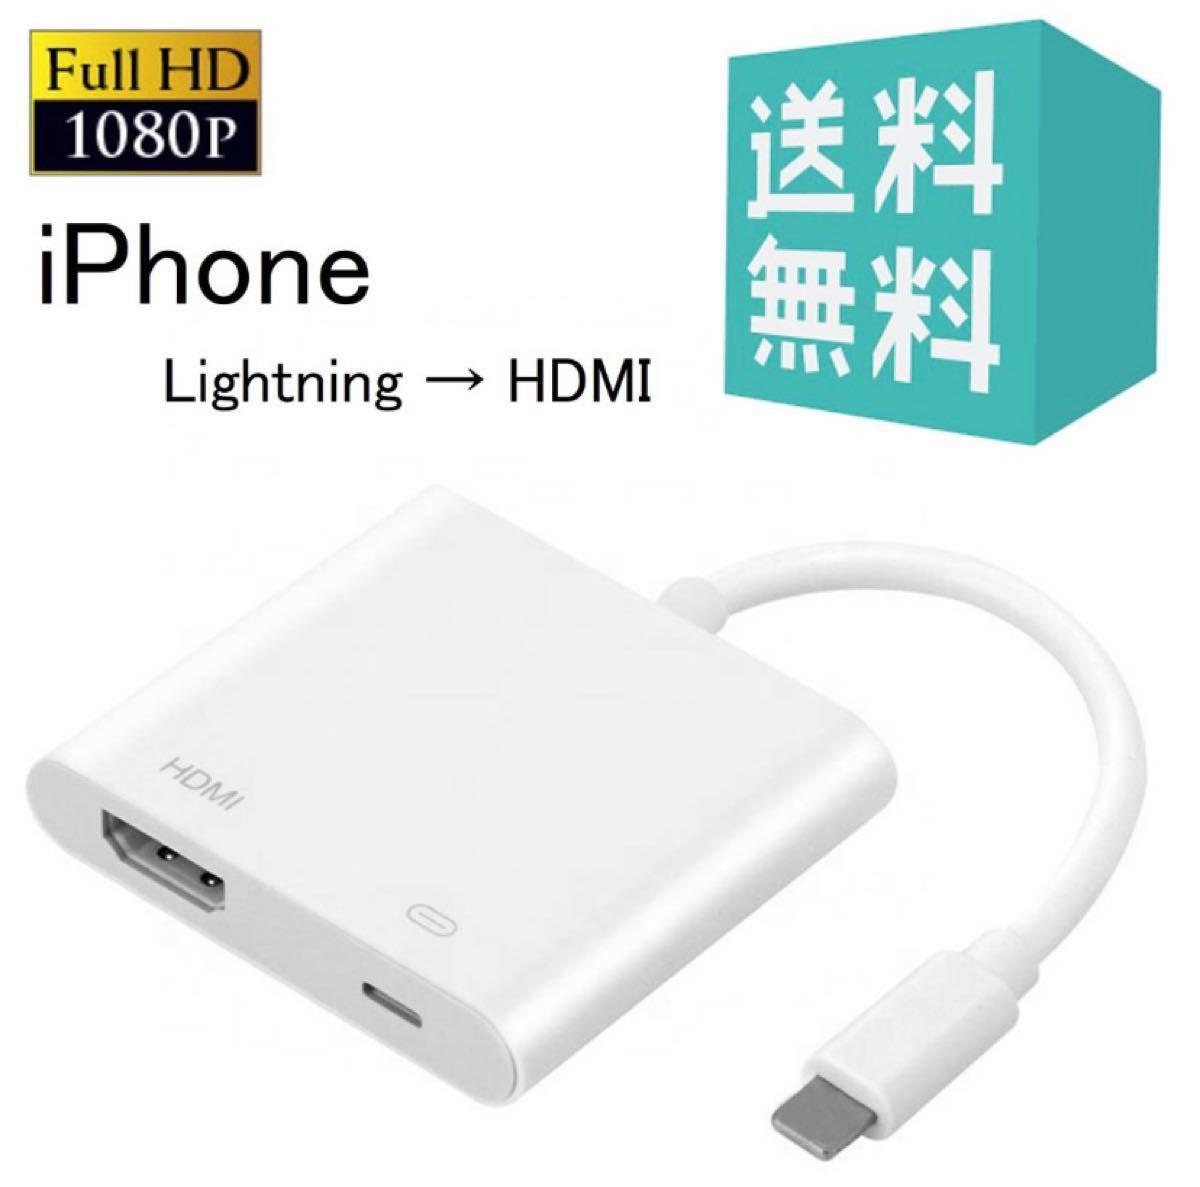 iPhone iPad HDMI変換 アップル AVアダプタ HDMI変換ケーブル HD画質 ライトニング